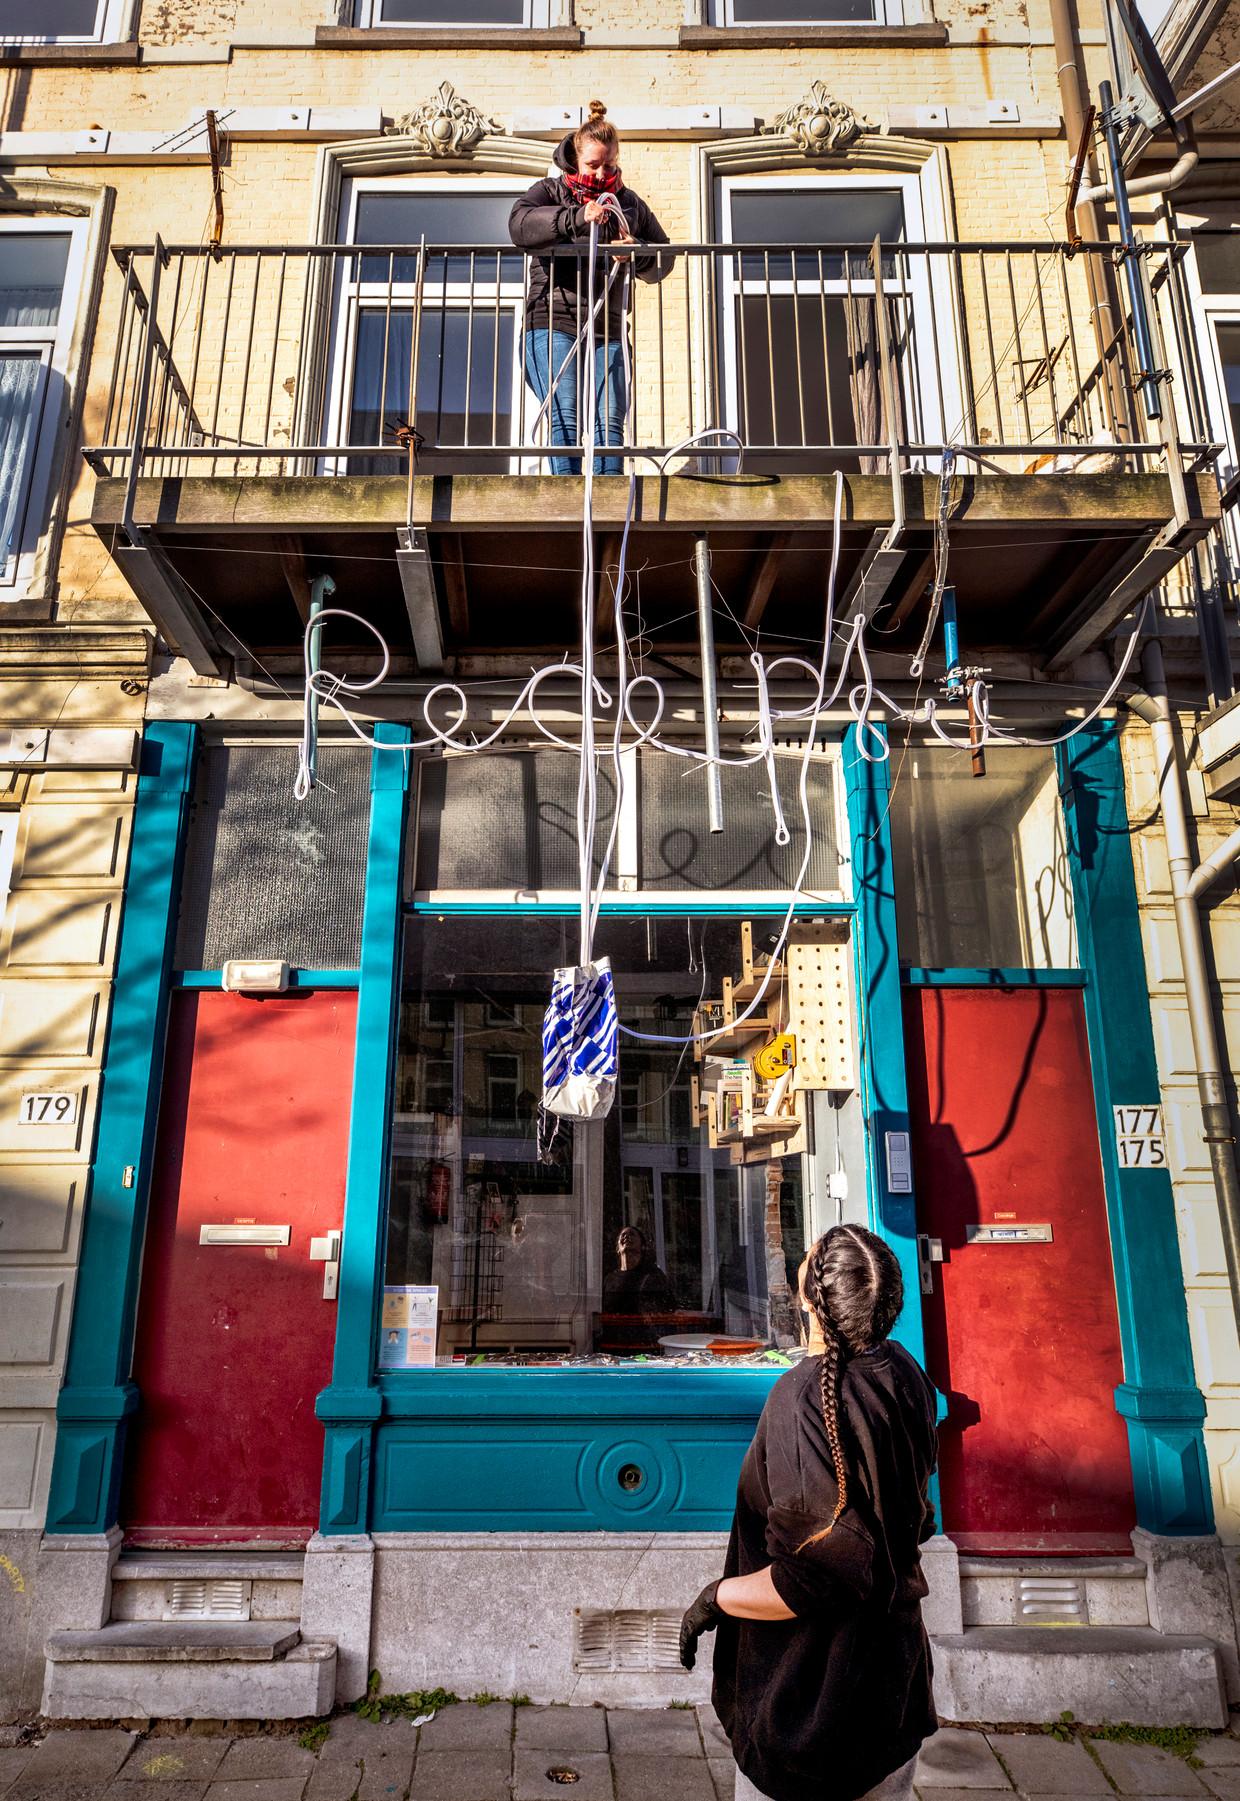 Philippa Driest krijgt soep bezorgd die een paar deuren verderop is gemaakt door Keju Kitchen. Beeld Raymond Rutting / de Volkskrant